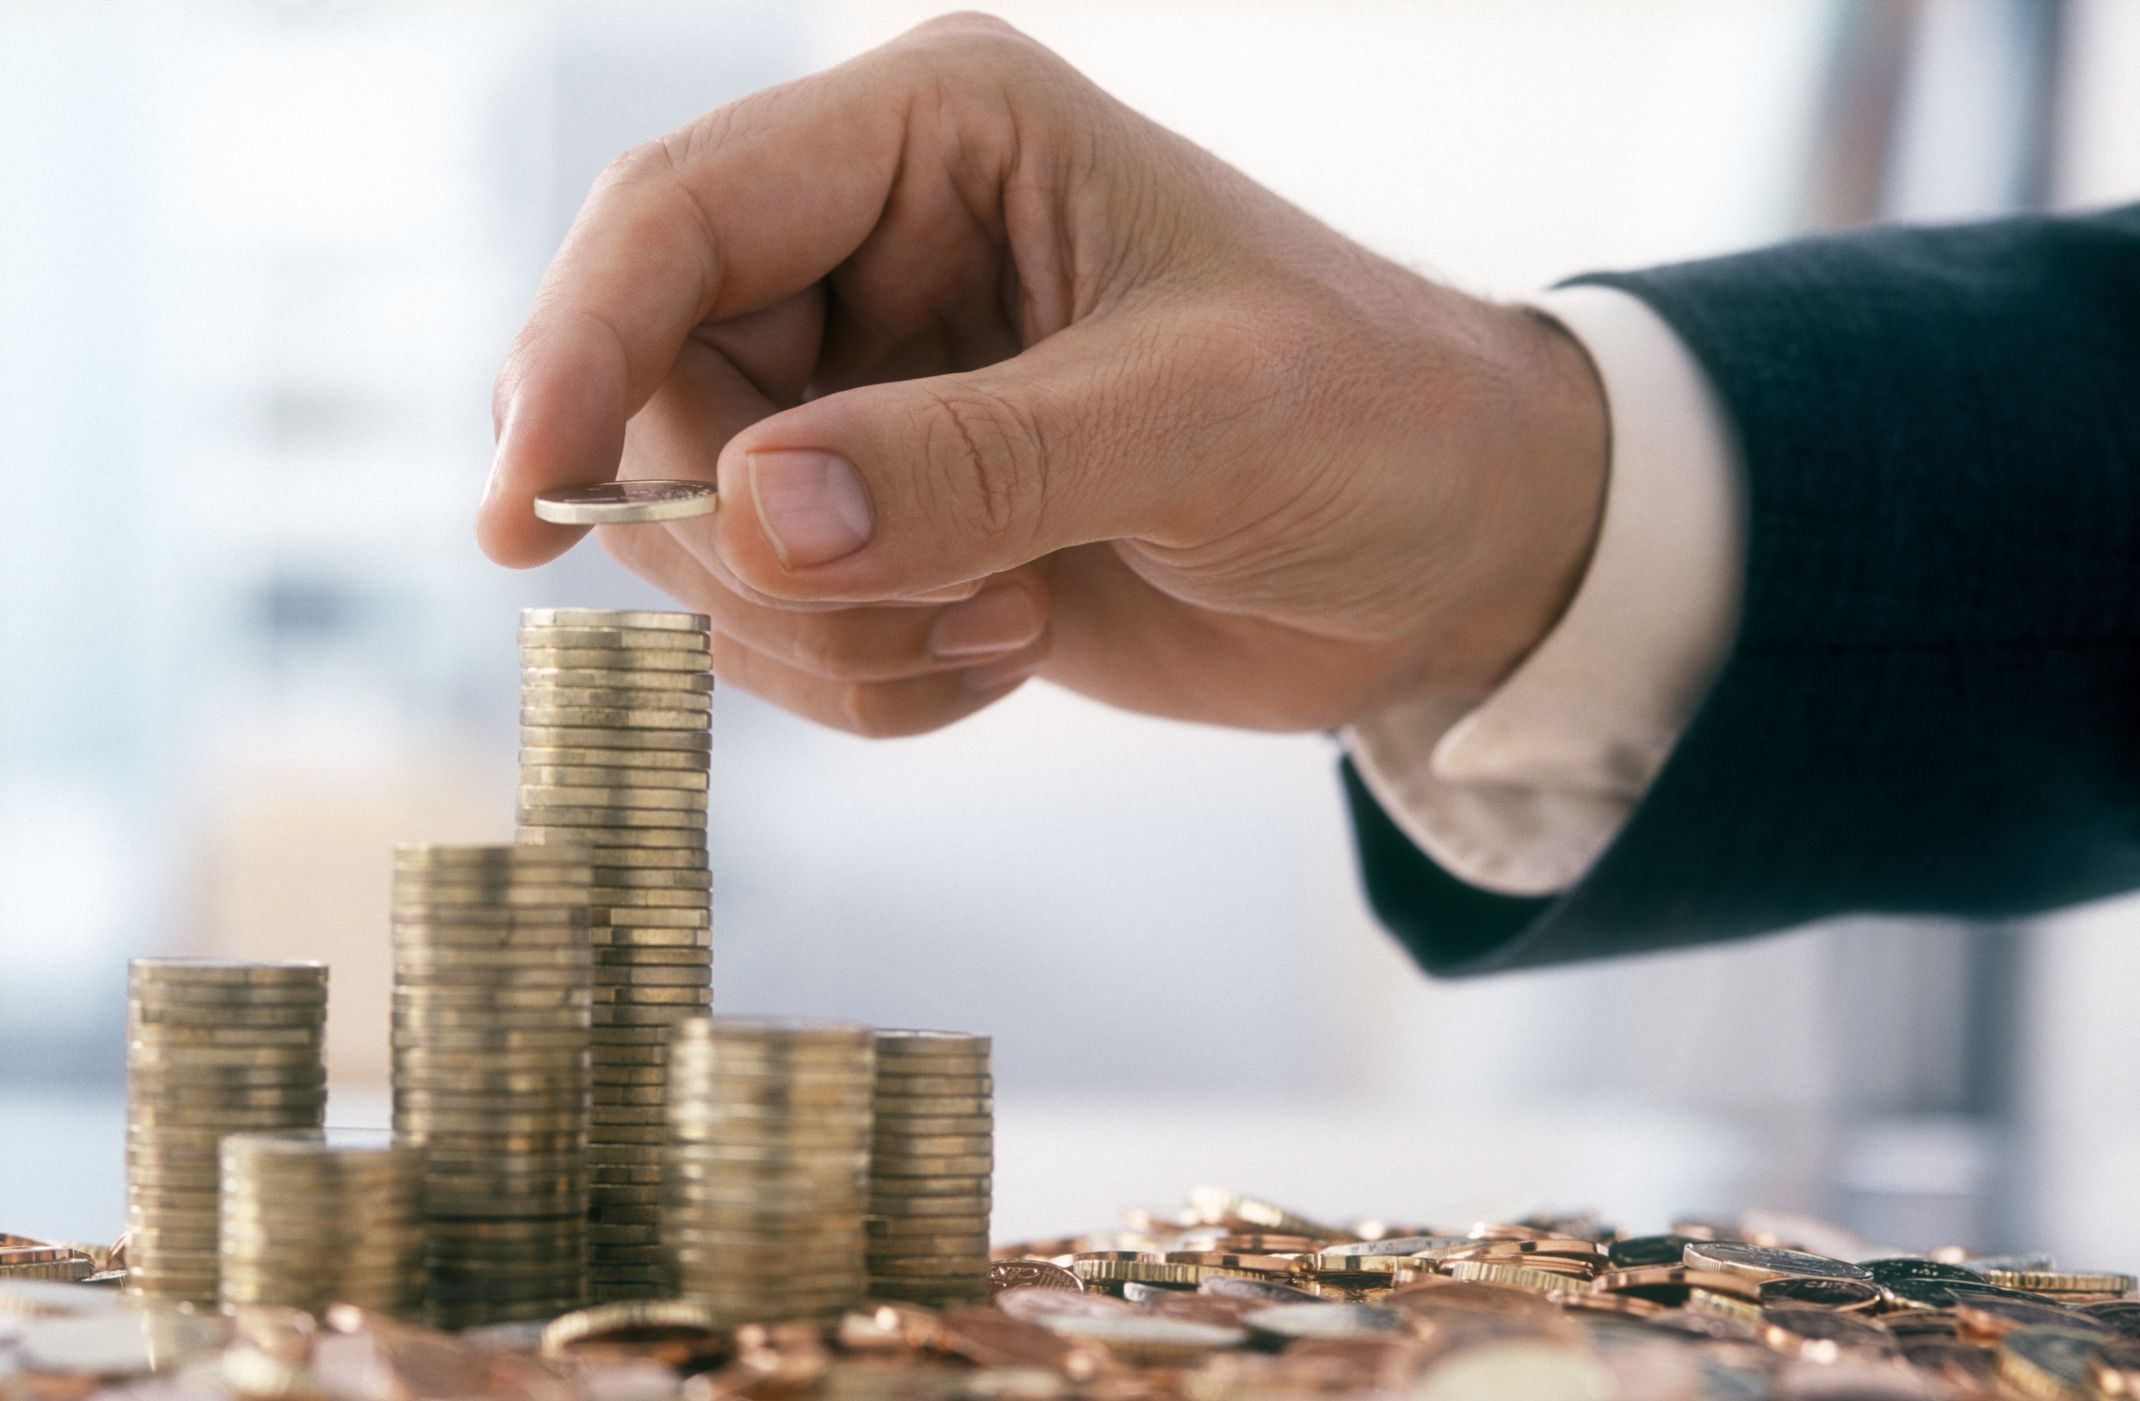 картинки про финансирование качестве бонуса таким